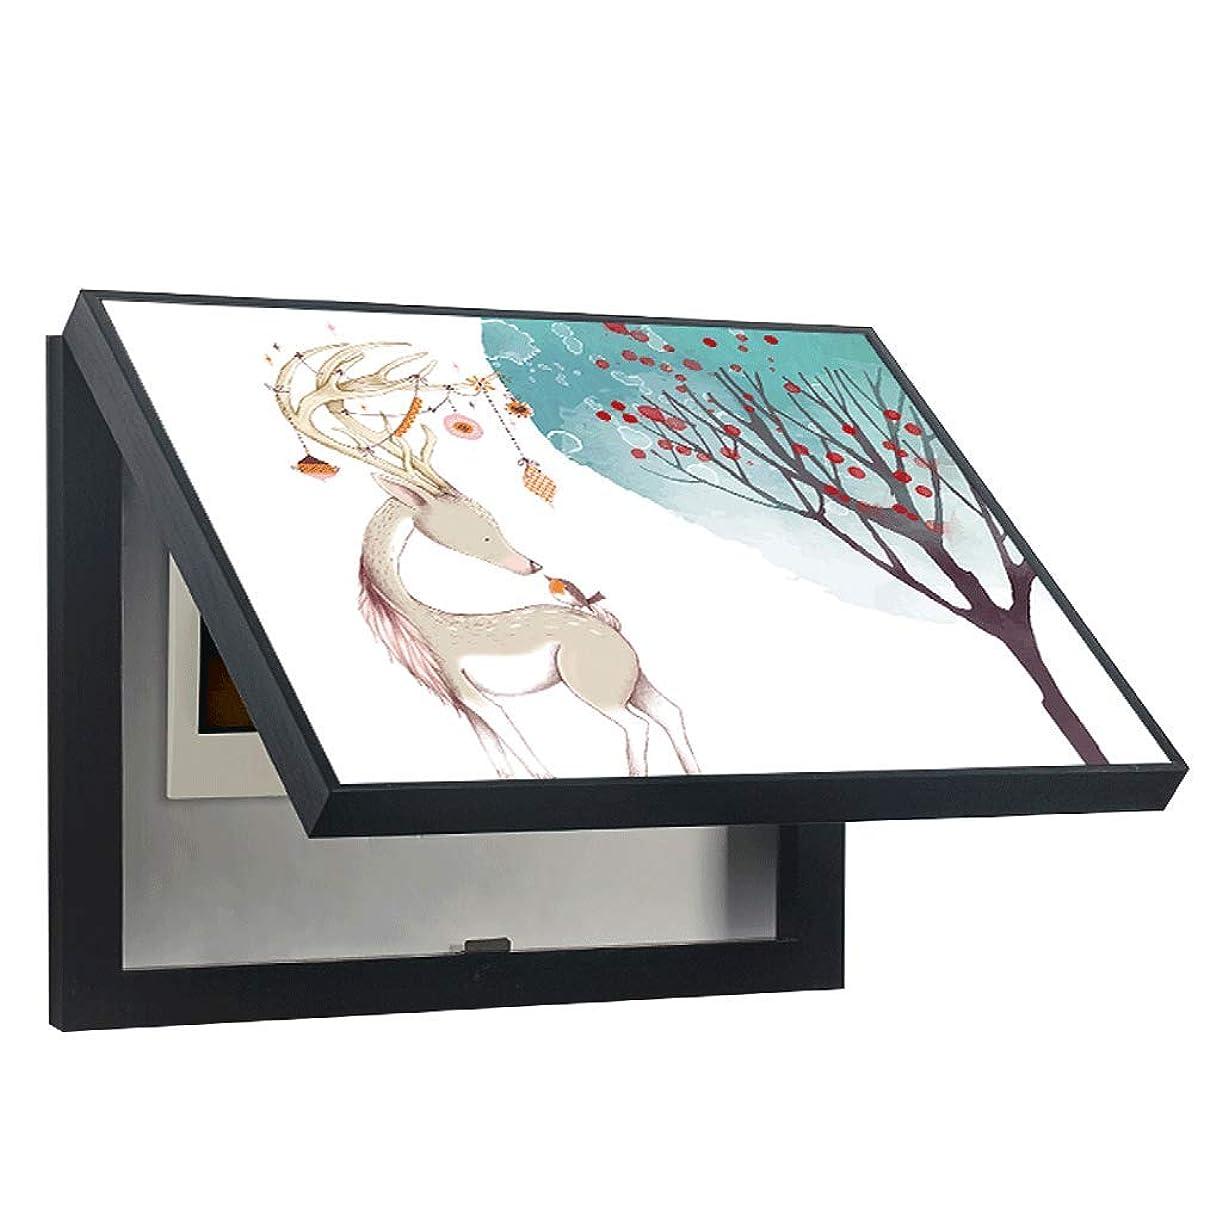 メカニック勢い発掘するQIQIDEDIAN 流通ボックスの閉塞の絵はメーターボックスのプッシュと引っ張りが可能 (Color : Black, Size : (50*40cm 40*30cm)-Flip cover)